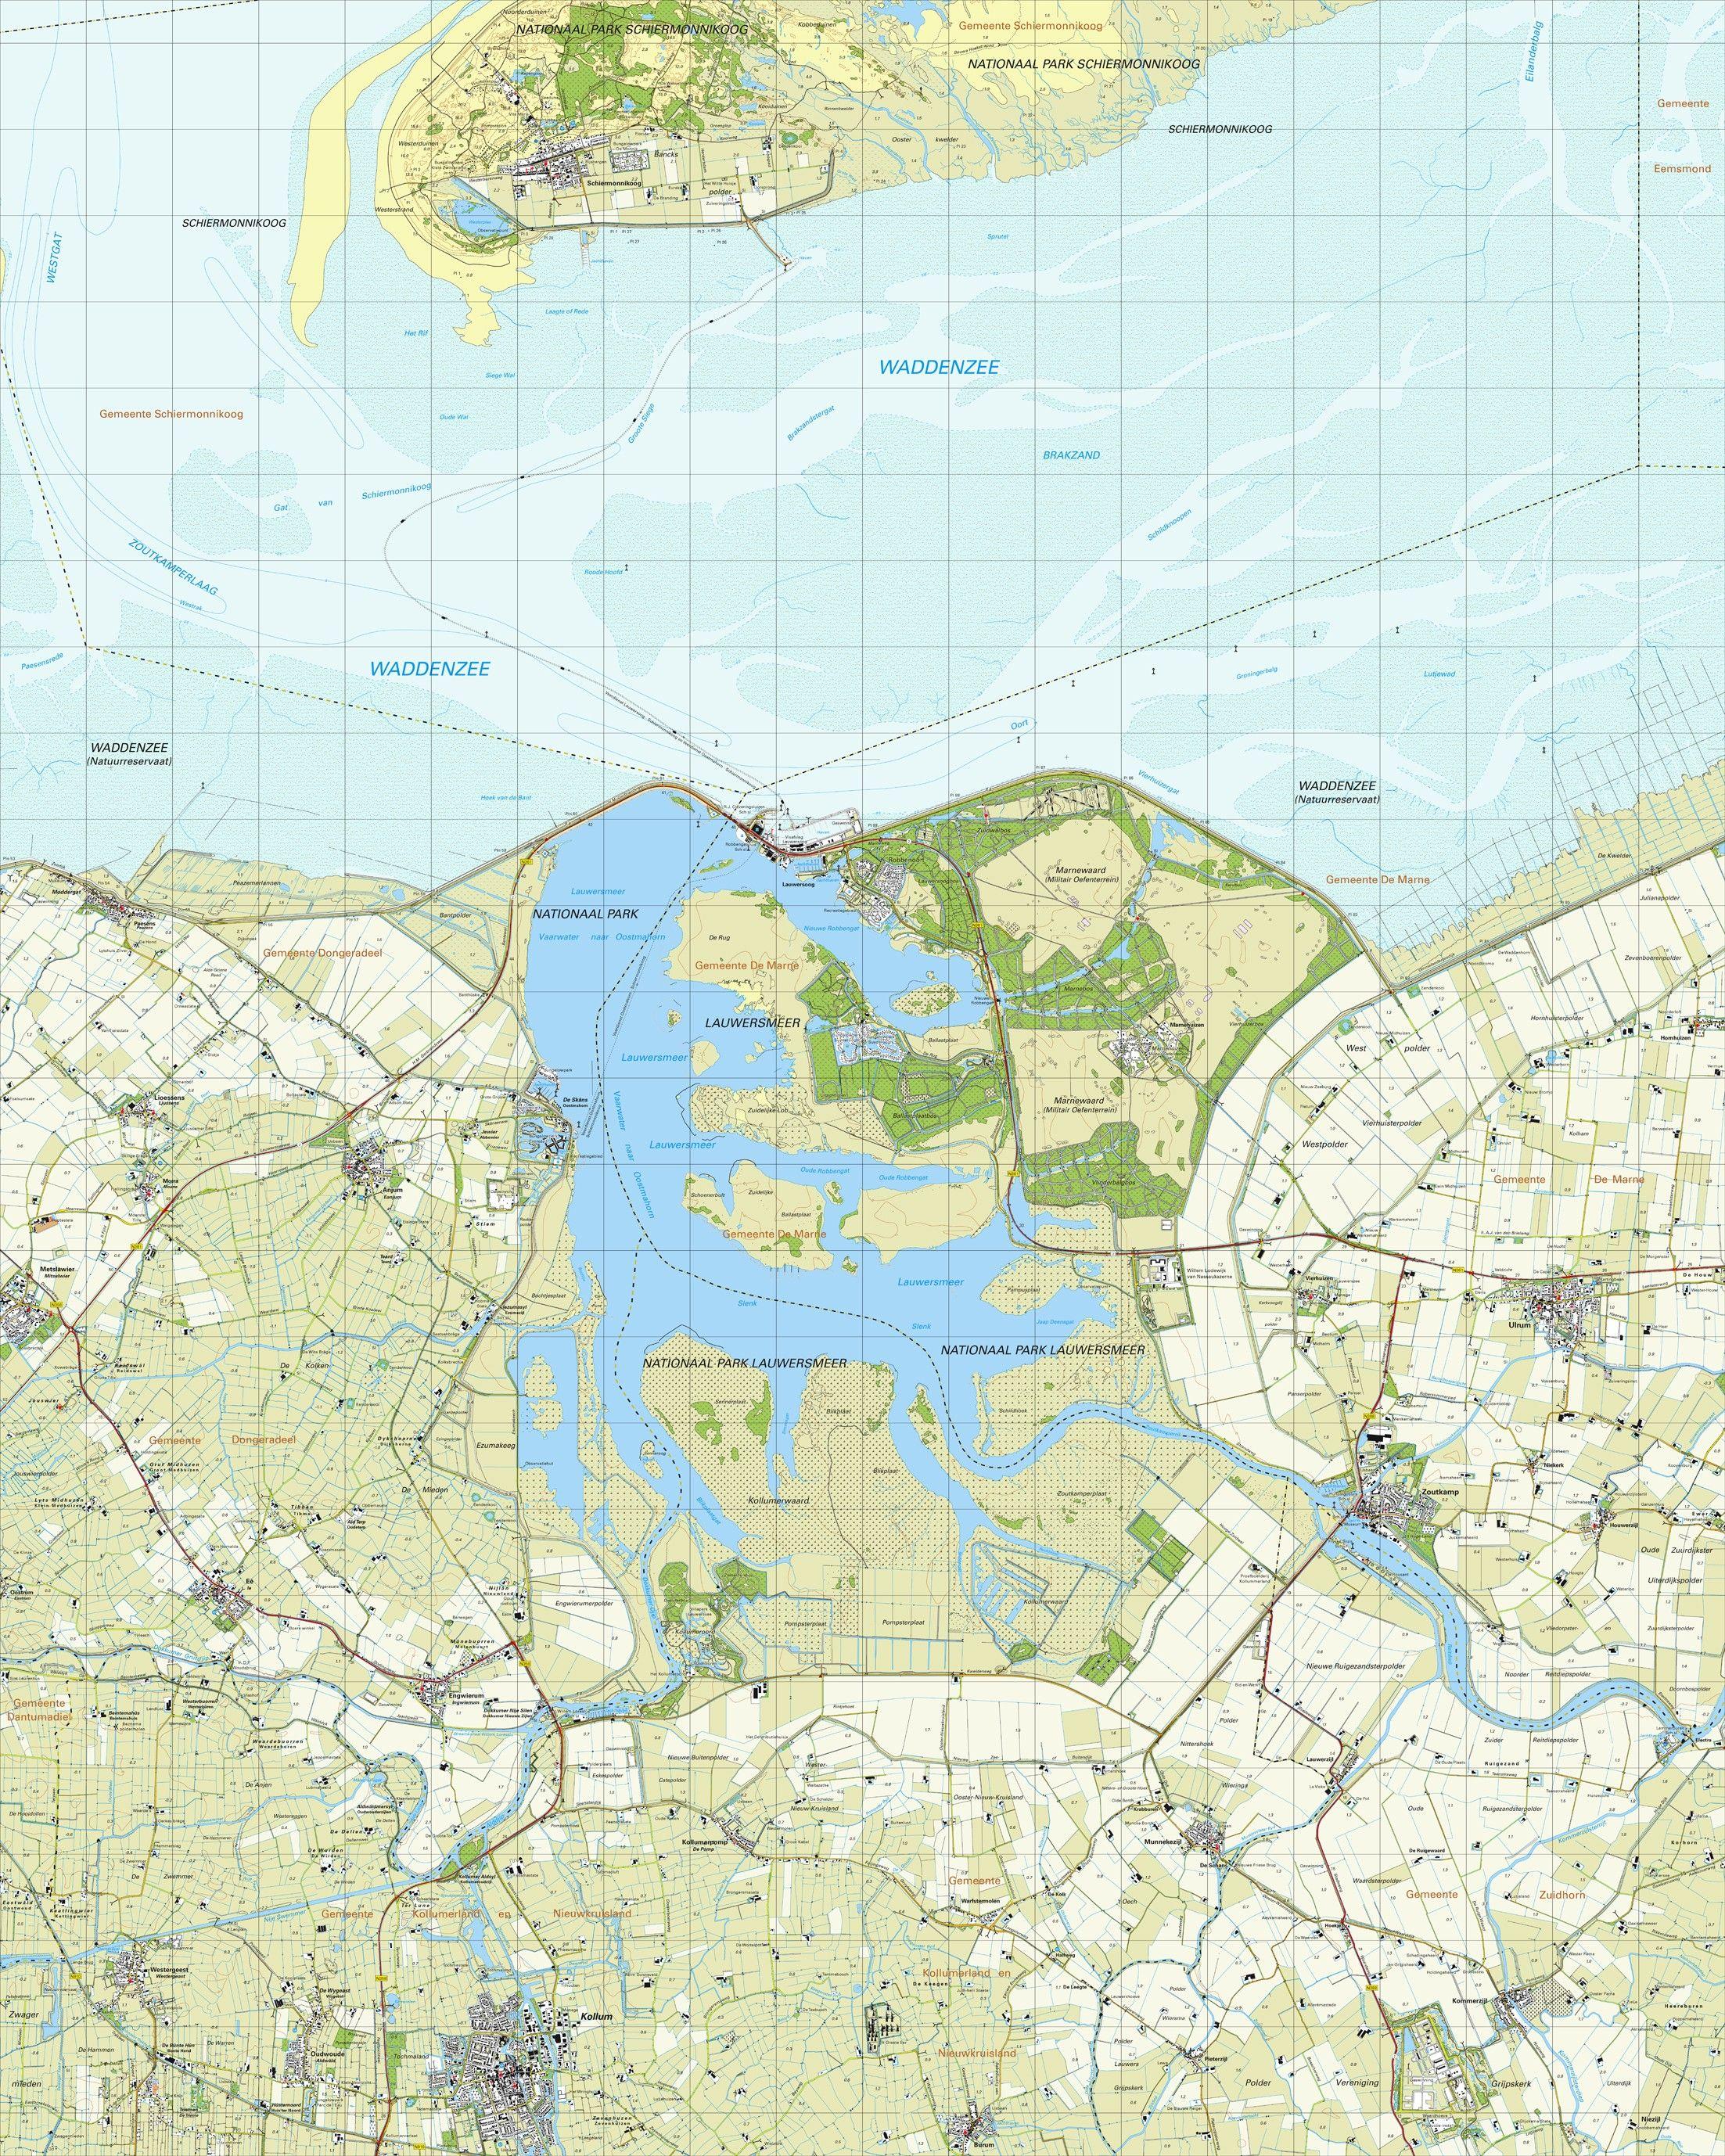 Topografische kaart schaal 1:25.000 (Schiermonnikoog,Anjum,Kollum,Munnekezijl,Zoutkamp)